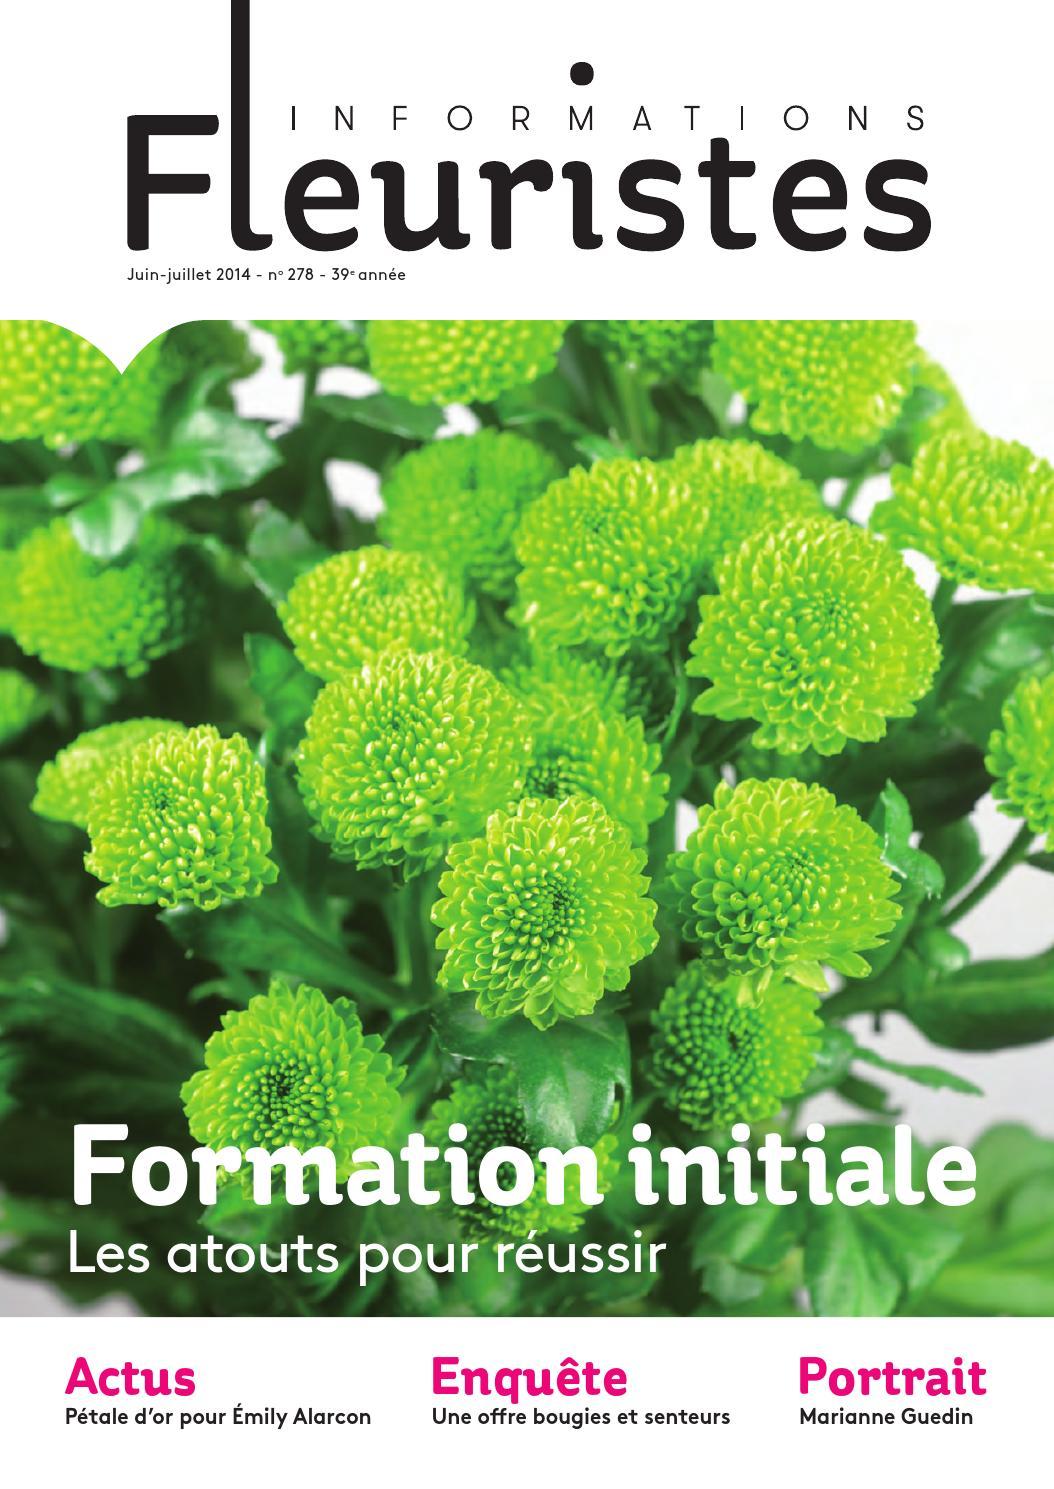 Ou Acheter De La Mousse Pour Piquer Des Fleurs feuilletable if 278infopro digital - issuu